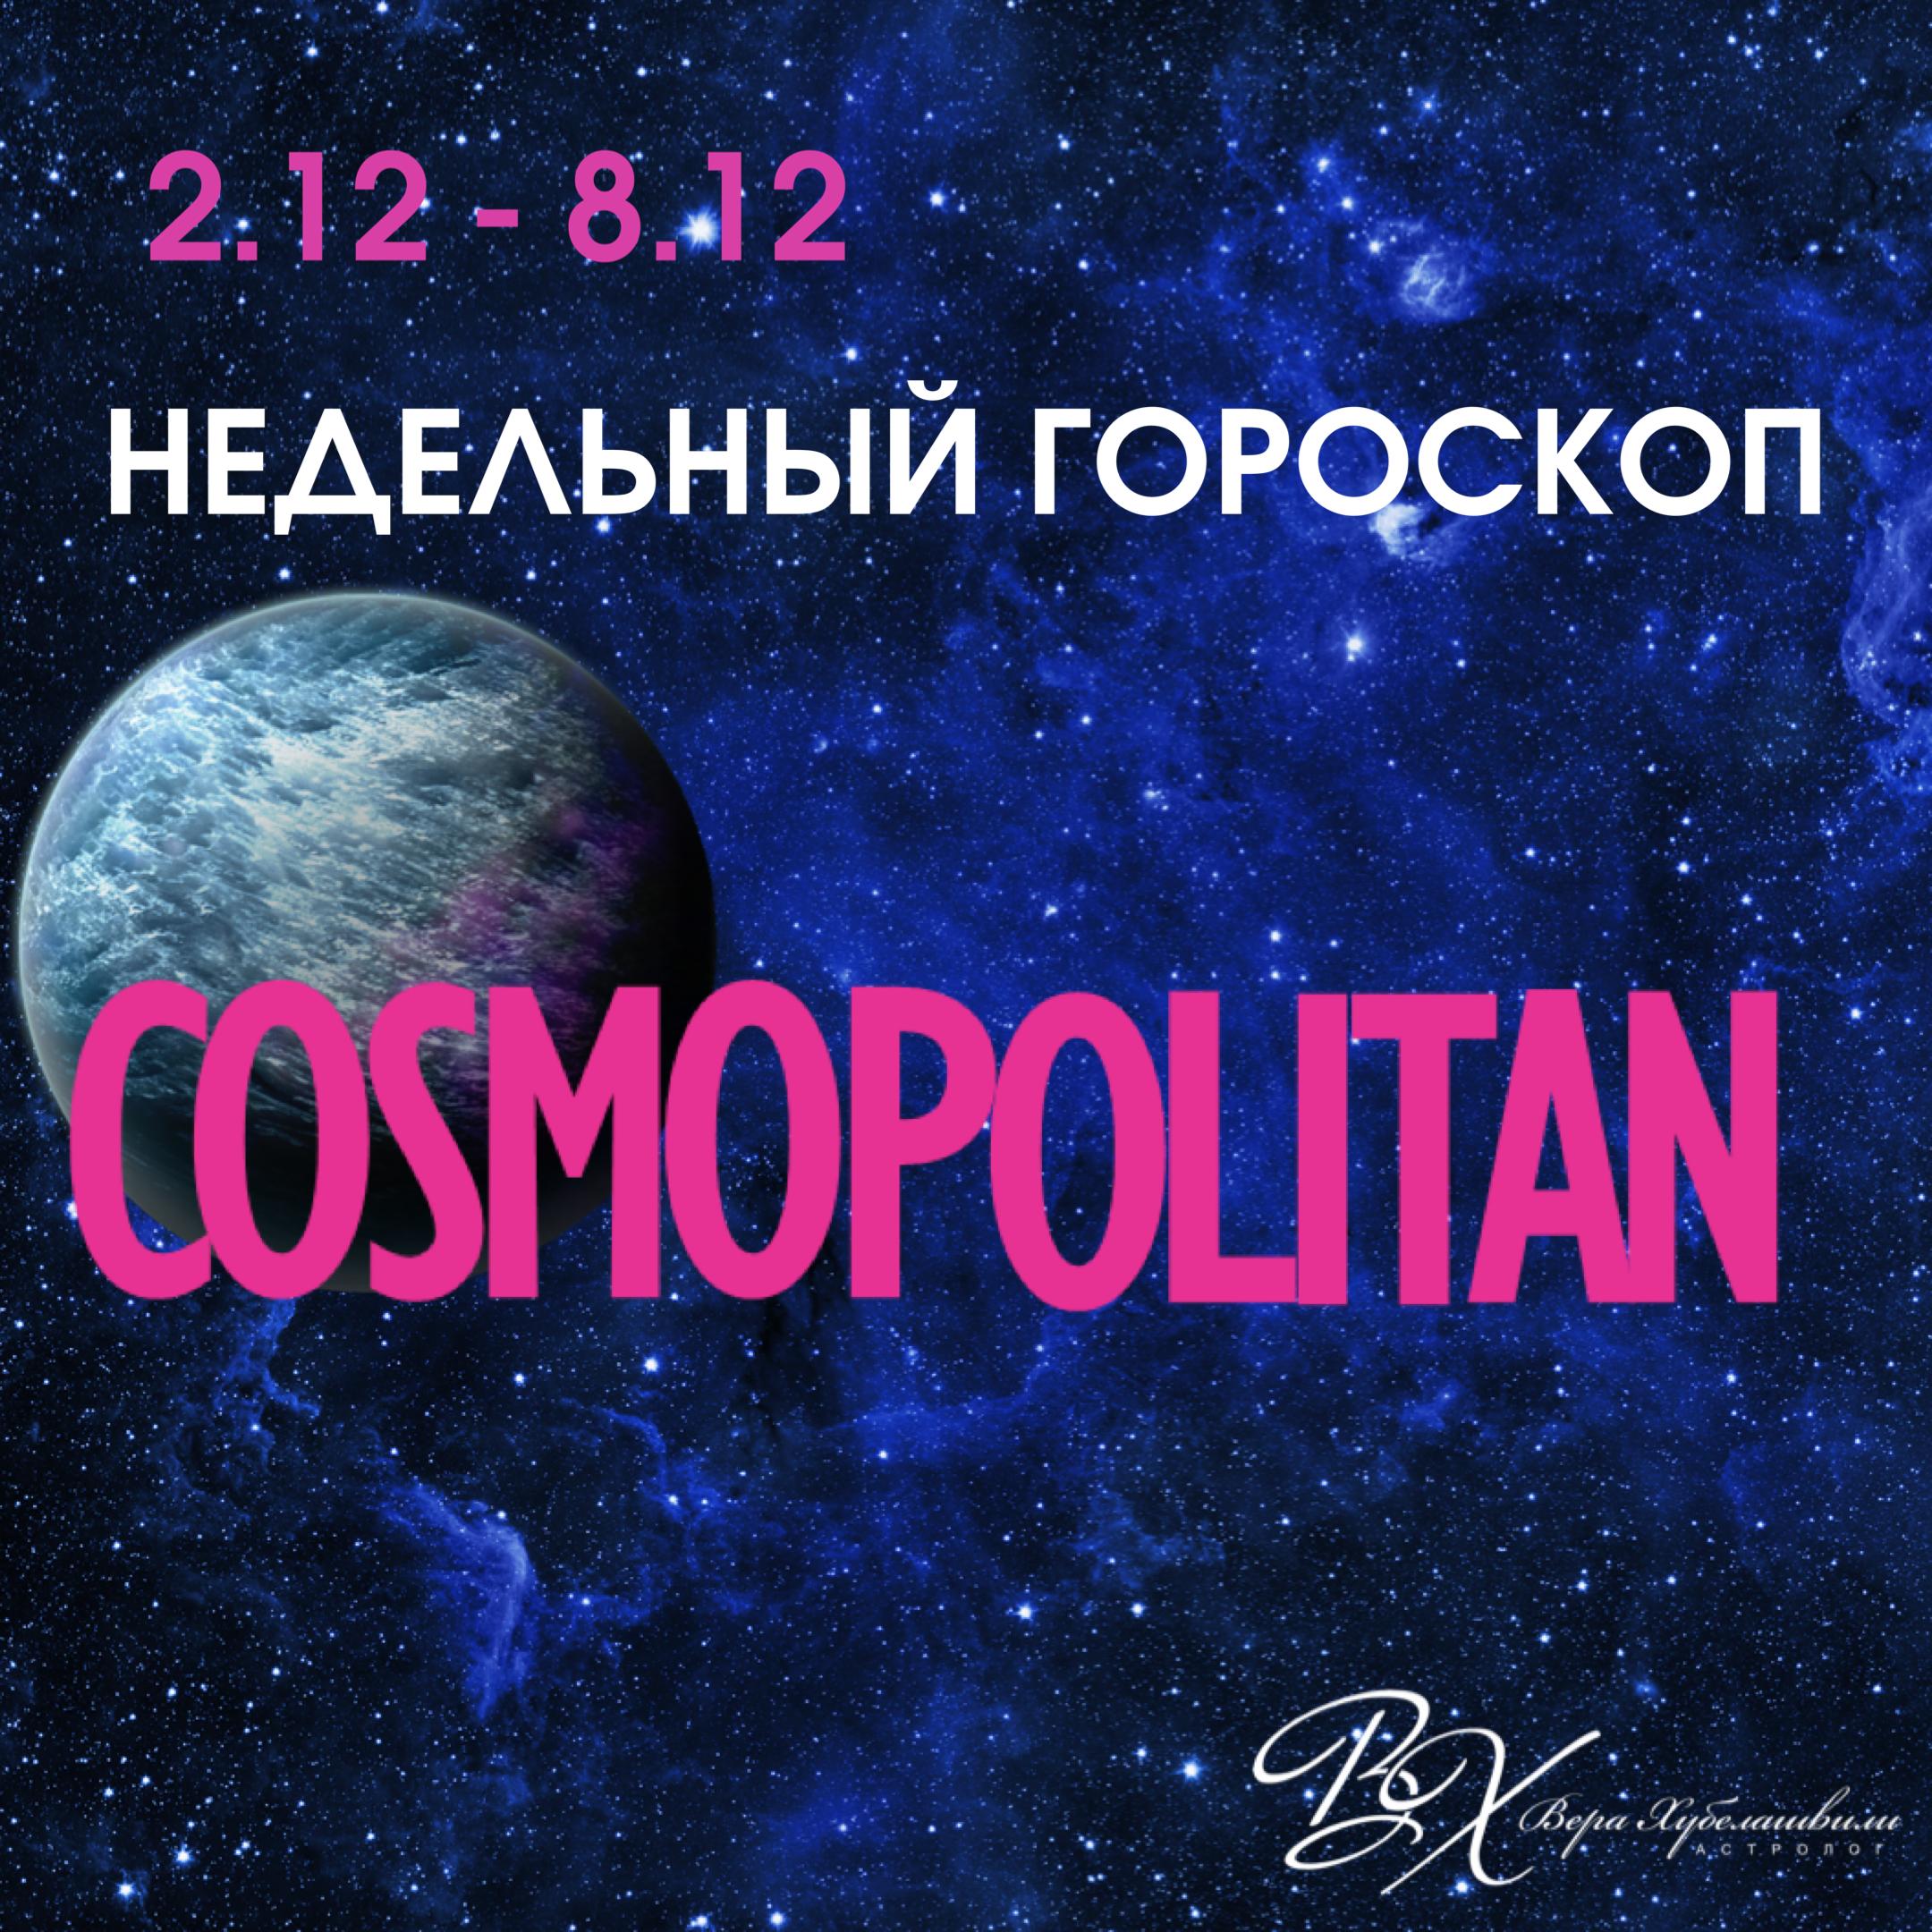 НЕДЕЛЬНЫЙ ГОРОСКОП 2 - 8 ДЕКАБРЯ  [*ПУБЛИКАЦИЯ ПОДГОТОВЛЕНА ДЛЯ COSMOPOLITAN]